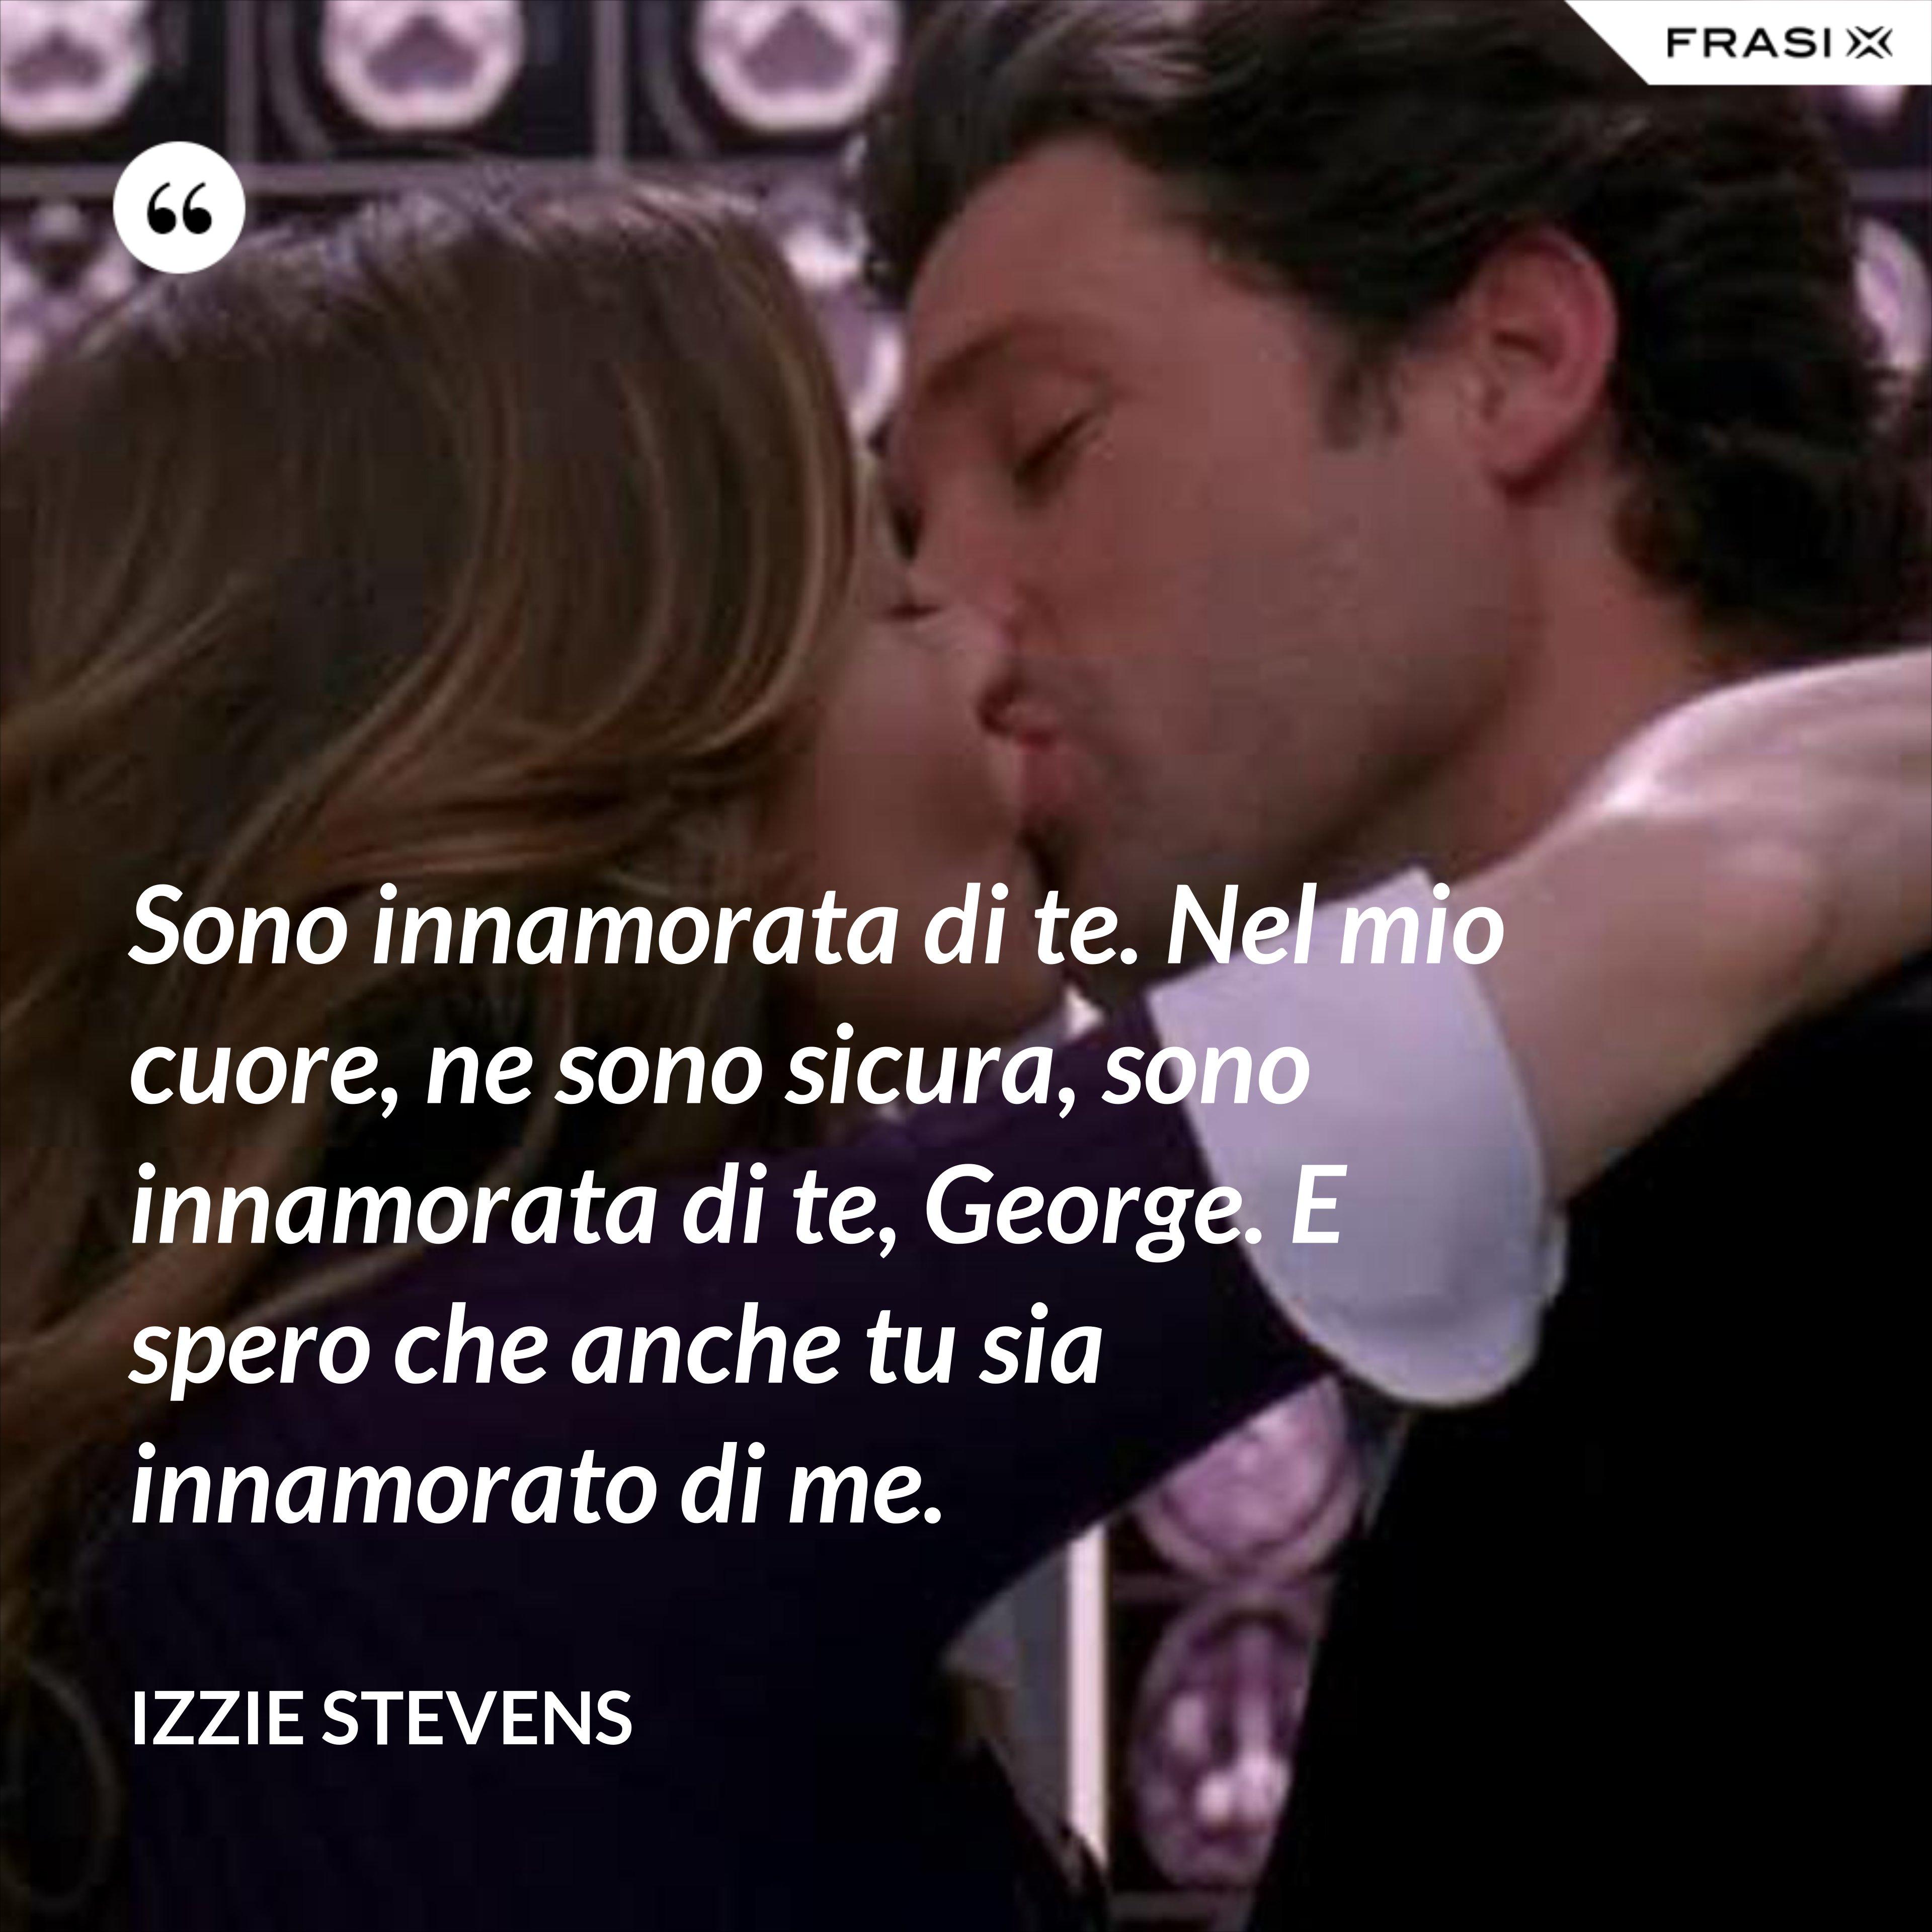 Sono innamorata di te. Nel mio cuore, ne sono sicura, sono innamorata di te, George. E spero che anche tu sia innamorato di me. - Izzie Stevens